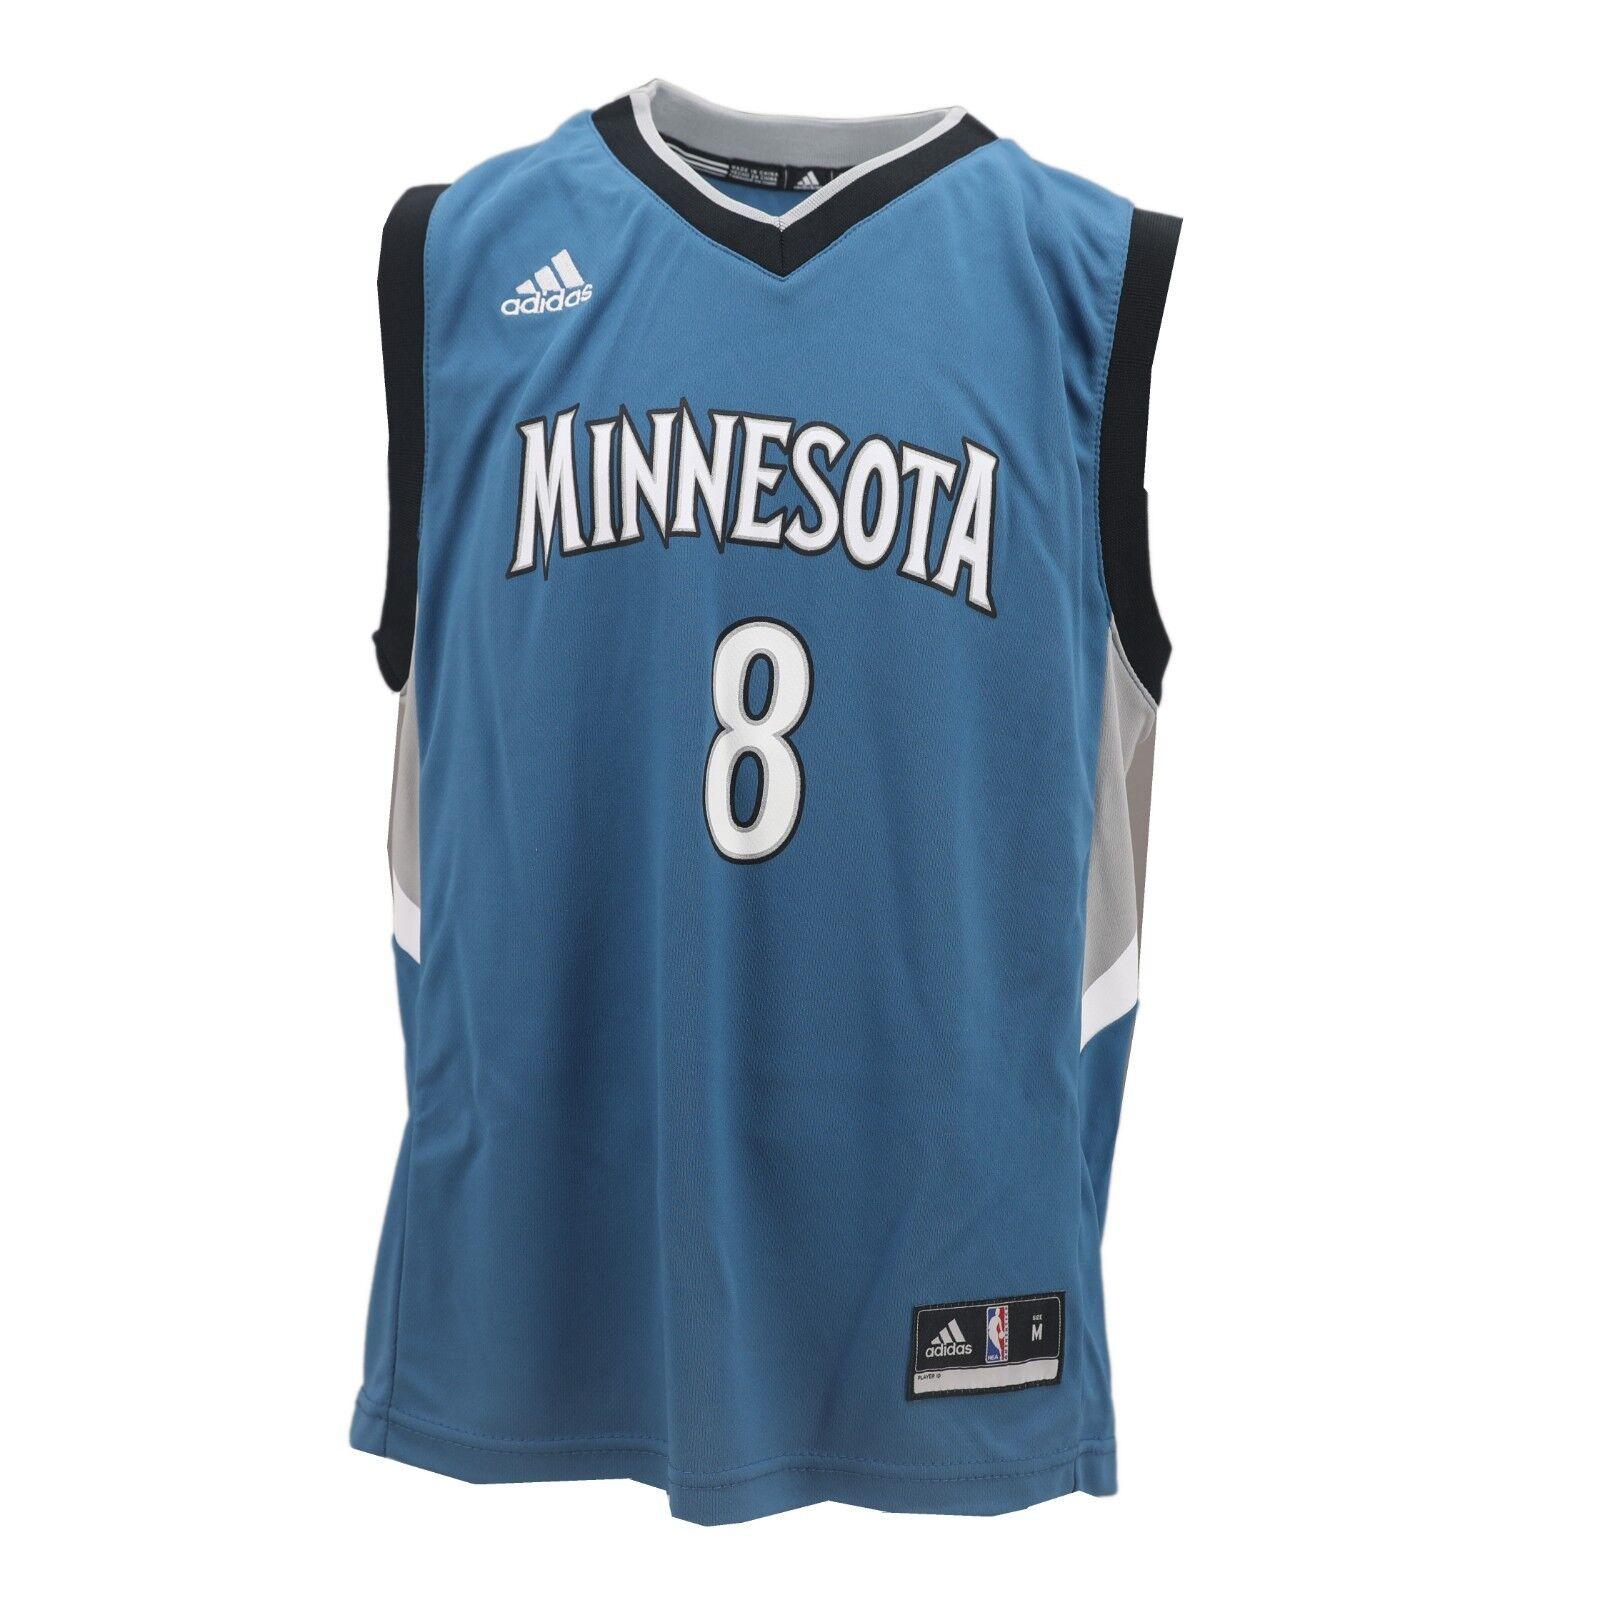 Minnesota Timberwolves Adidas Nba Kids Youth Size Zach Lavine